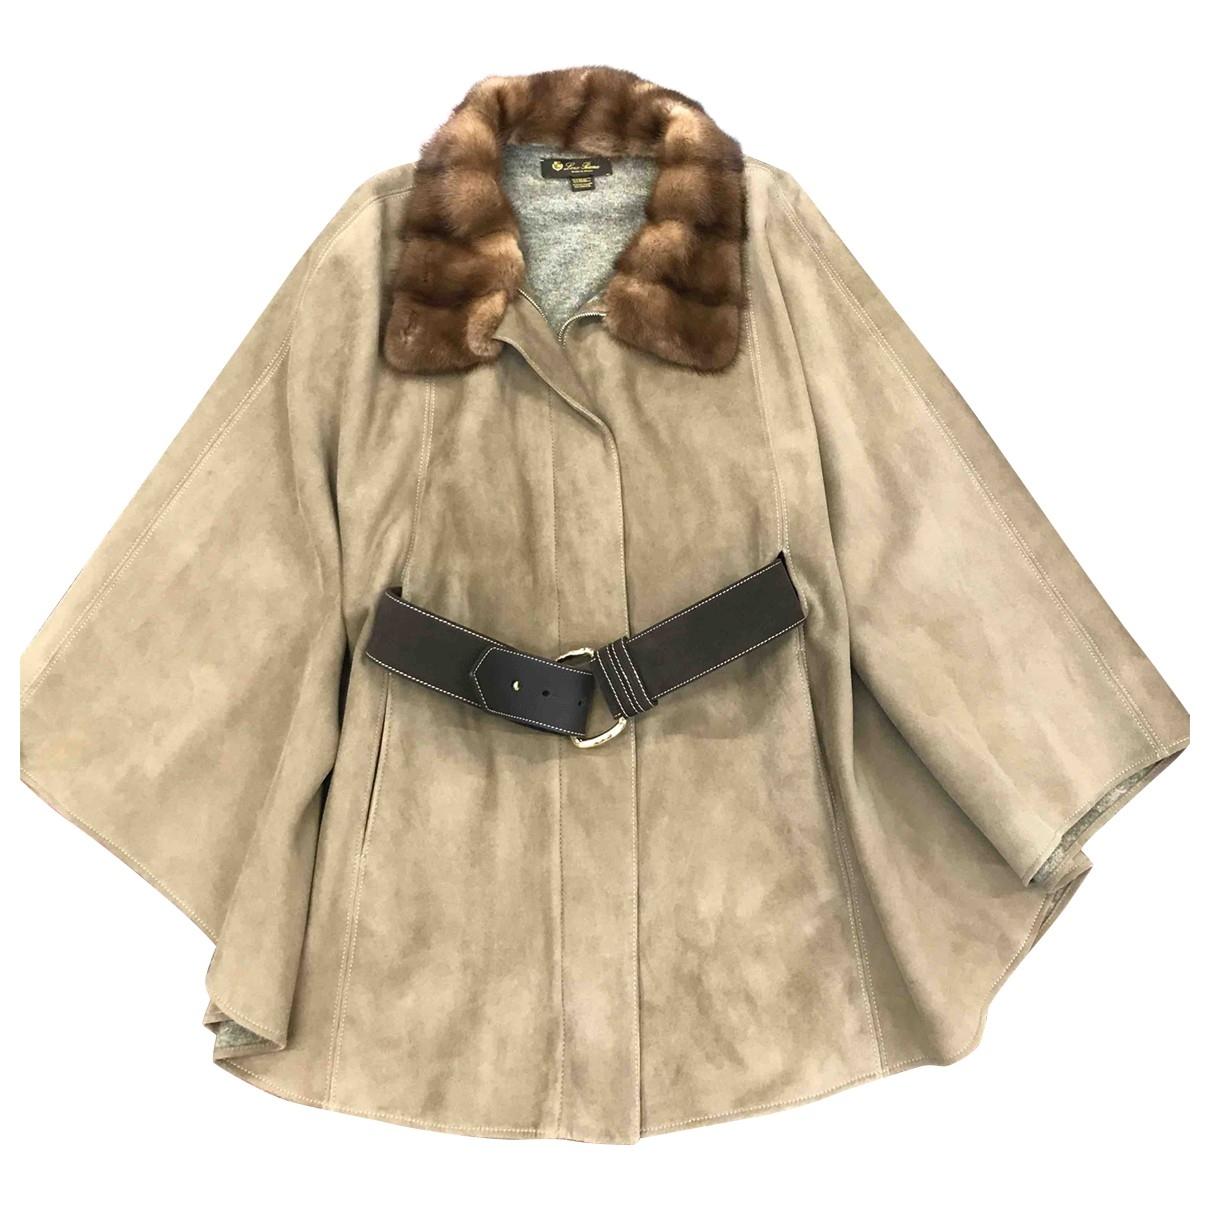 Loro Piana \N Beige Suede jacket for Women M